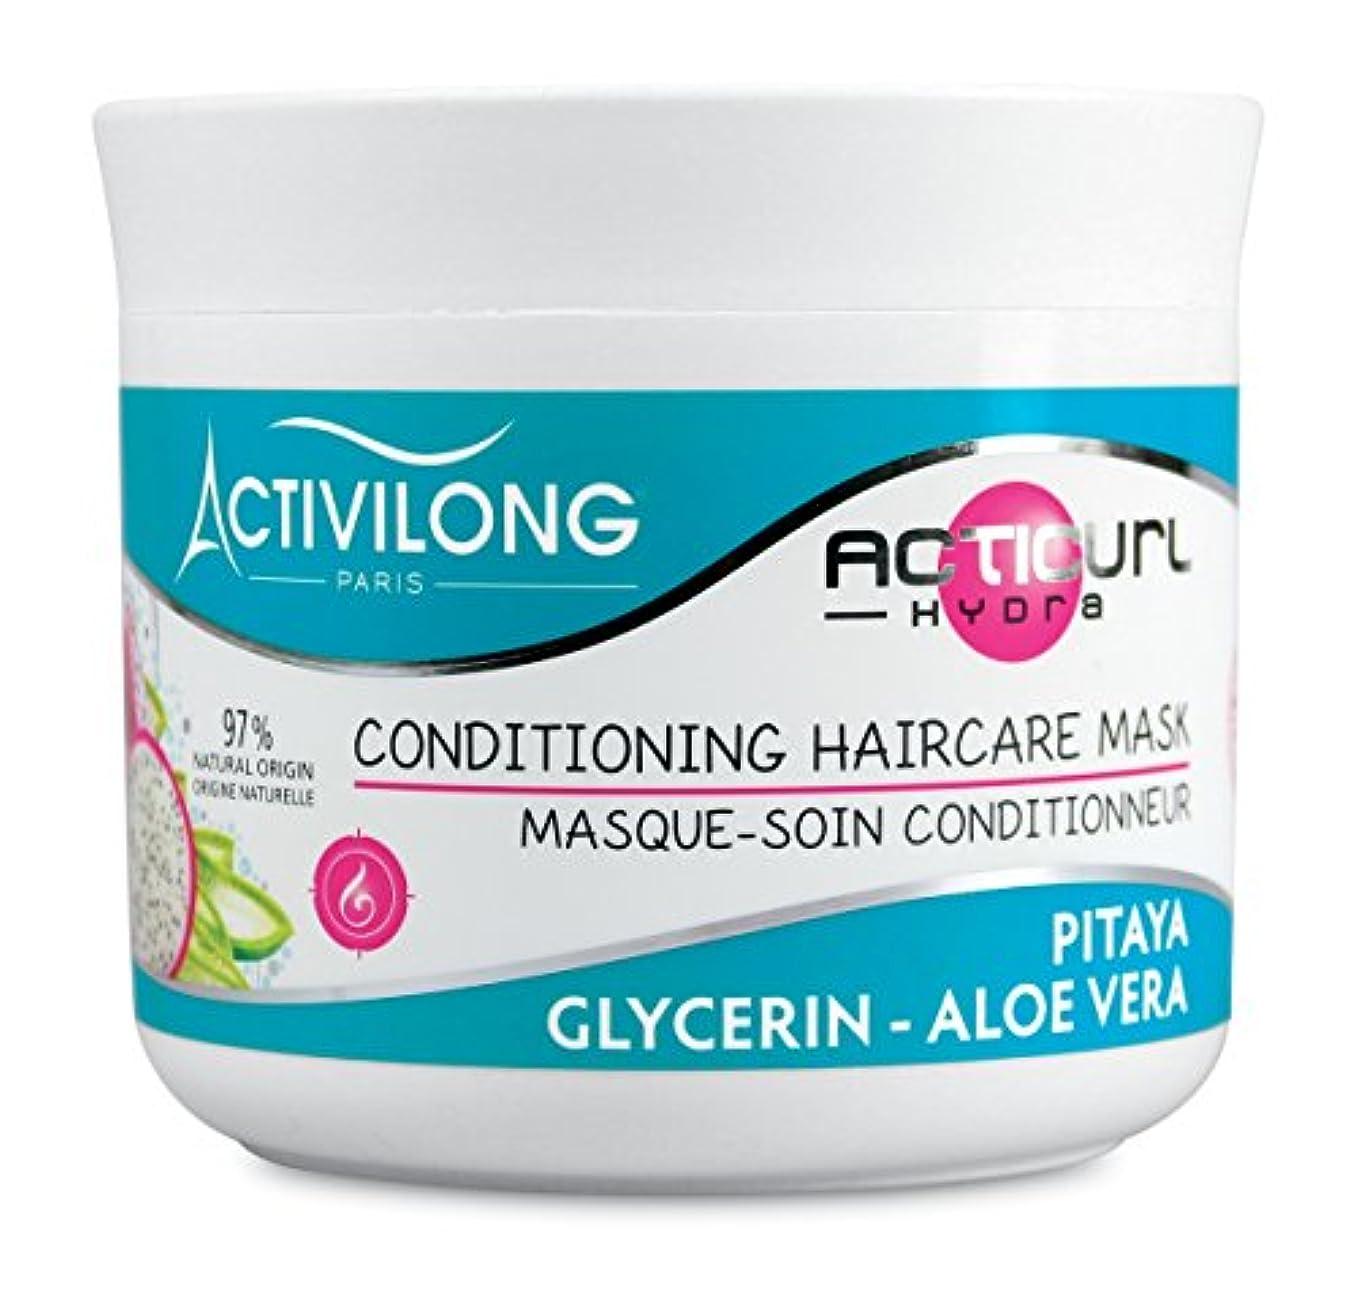 一以内に勝者Activilong Acticurl HydraコンディショニングヘアケアマスクDragonfruit Pitayaグリセリンアロエベラ200 ml